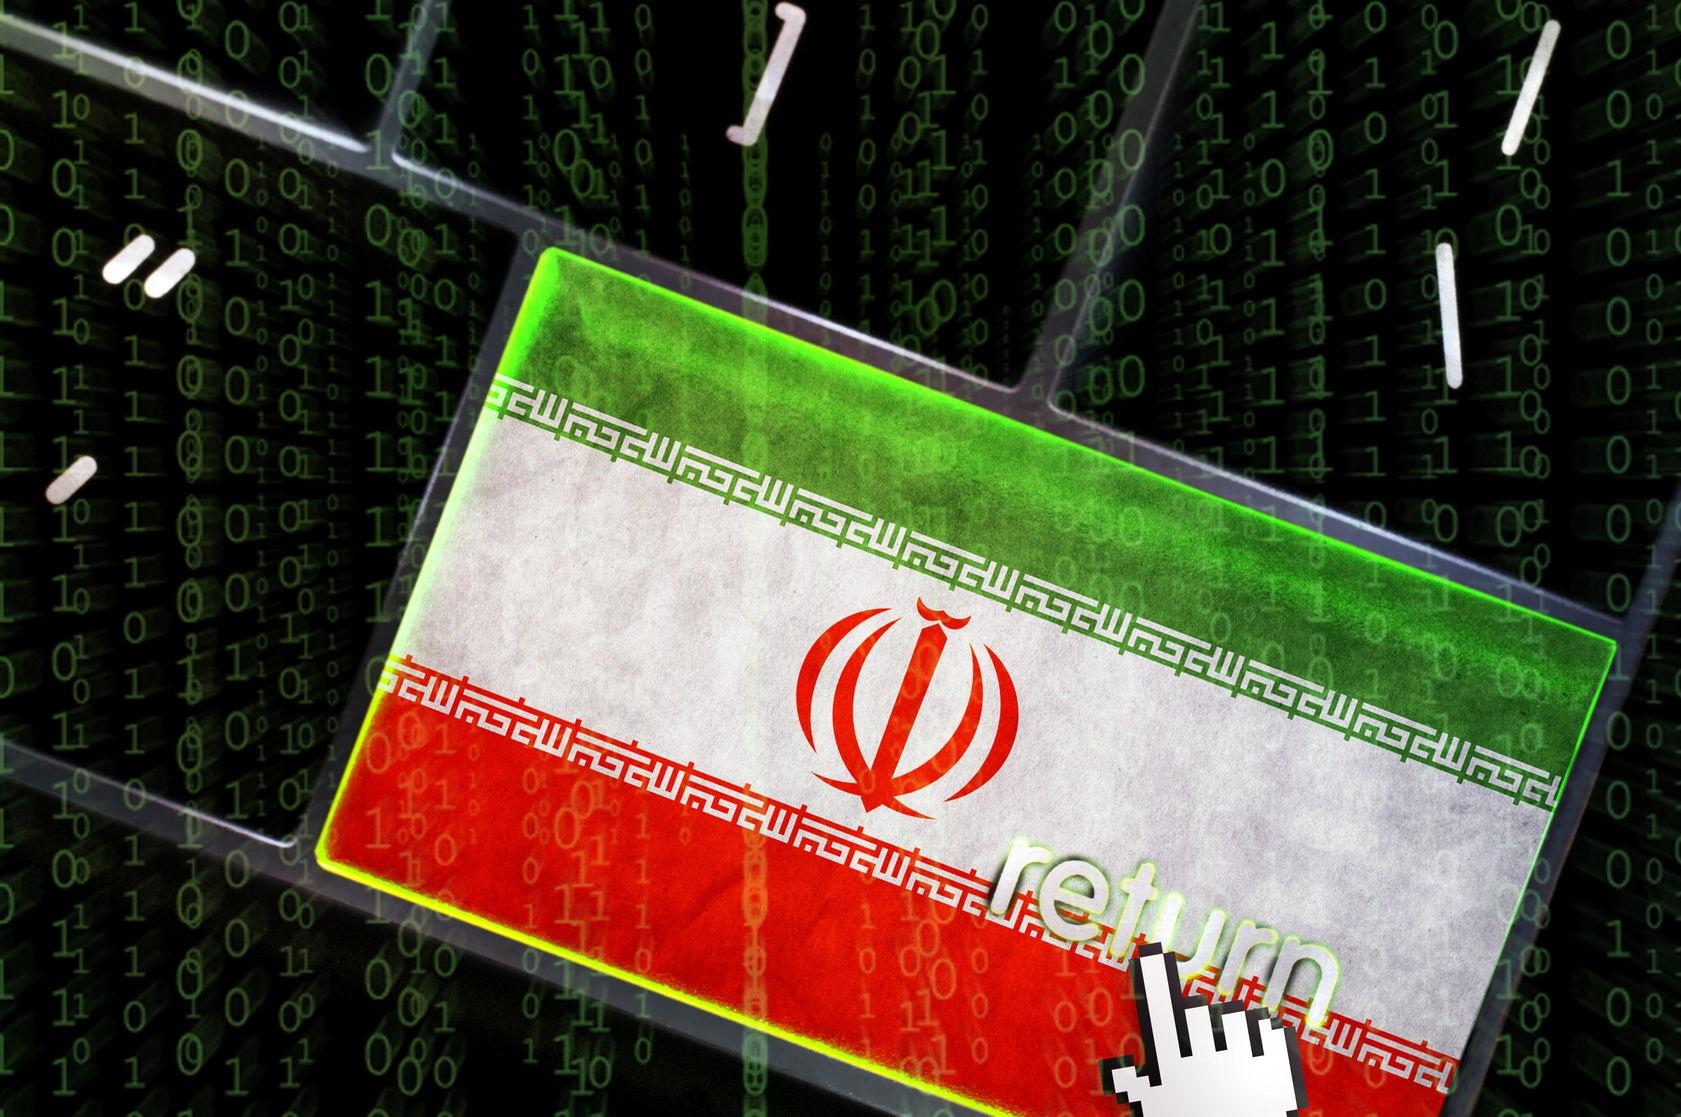 وحشت آمریکا از «رقص شمشیر» مقابل ایران/هکرهای ایرانی توان نفوذ در سیستمهای آمریکایی را دارند؟+فیلم